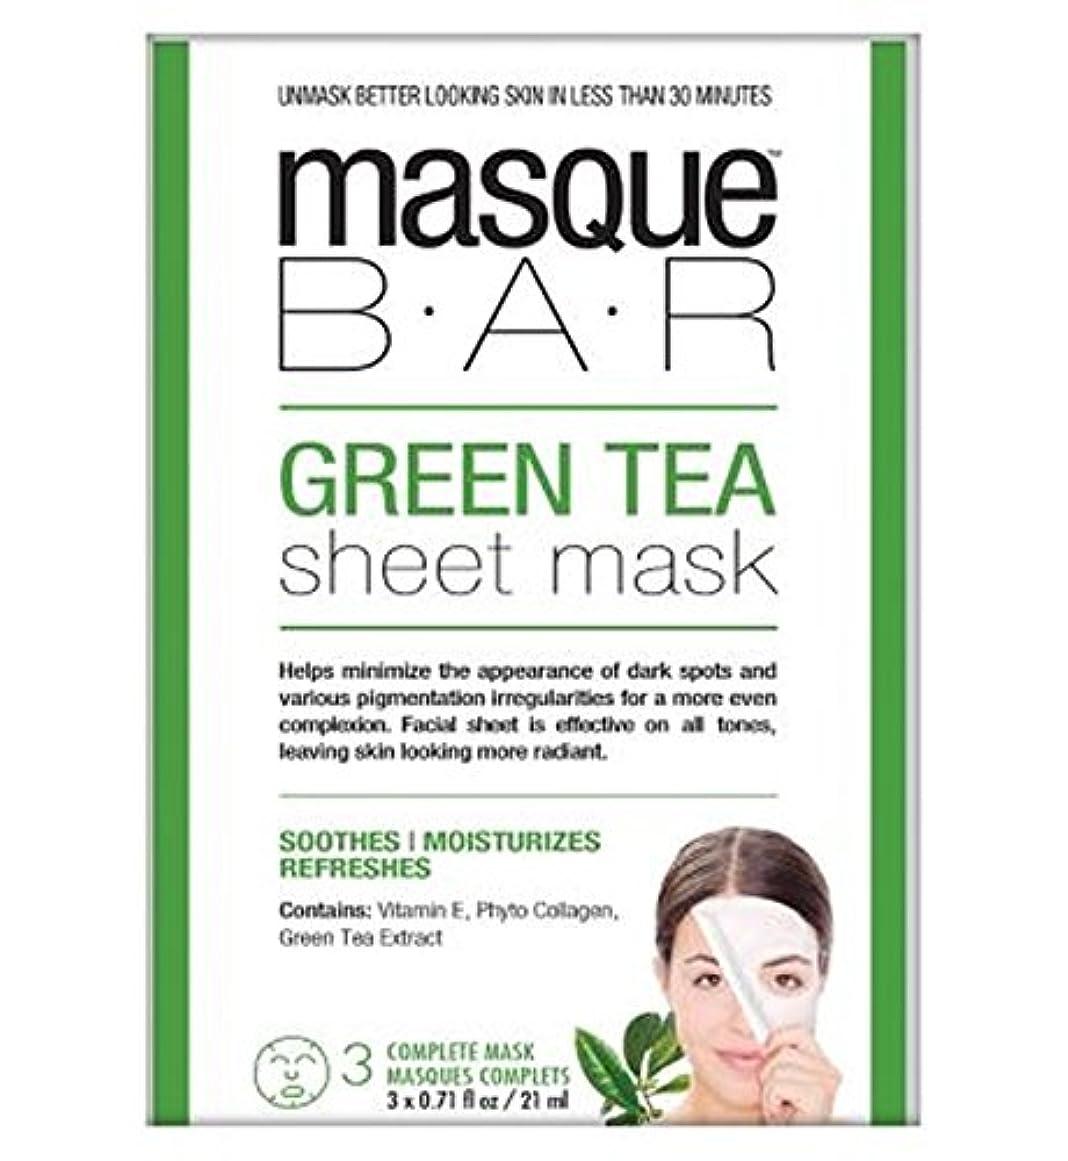 こんにちは新聞ラジエーター仮面劇バー緑茶シートマスク - 3完全なマスク (P6B Masque Bar Bt) (x2) - Masque Bar Green Tea Sheet Mask - 3 complete masks (Pack of 2) [並行輸入品]